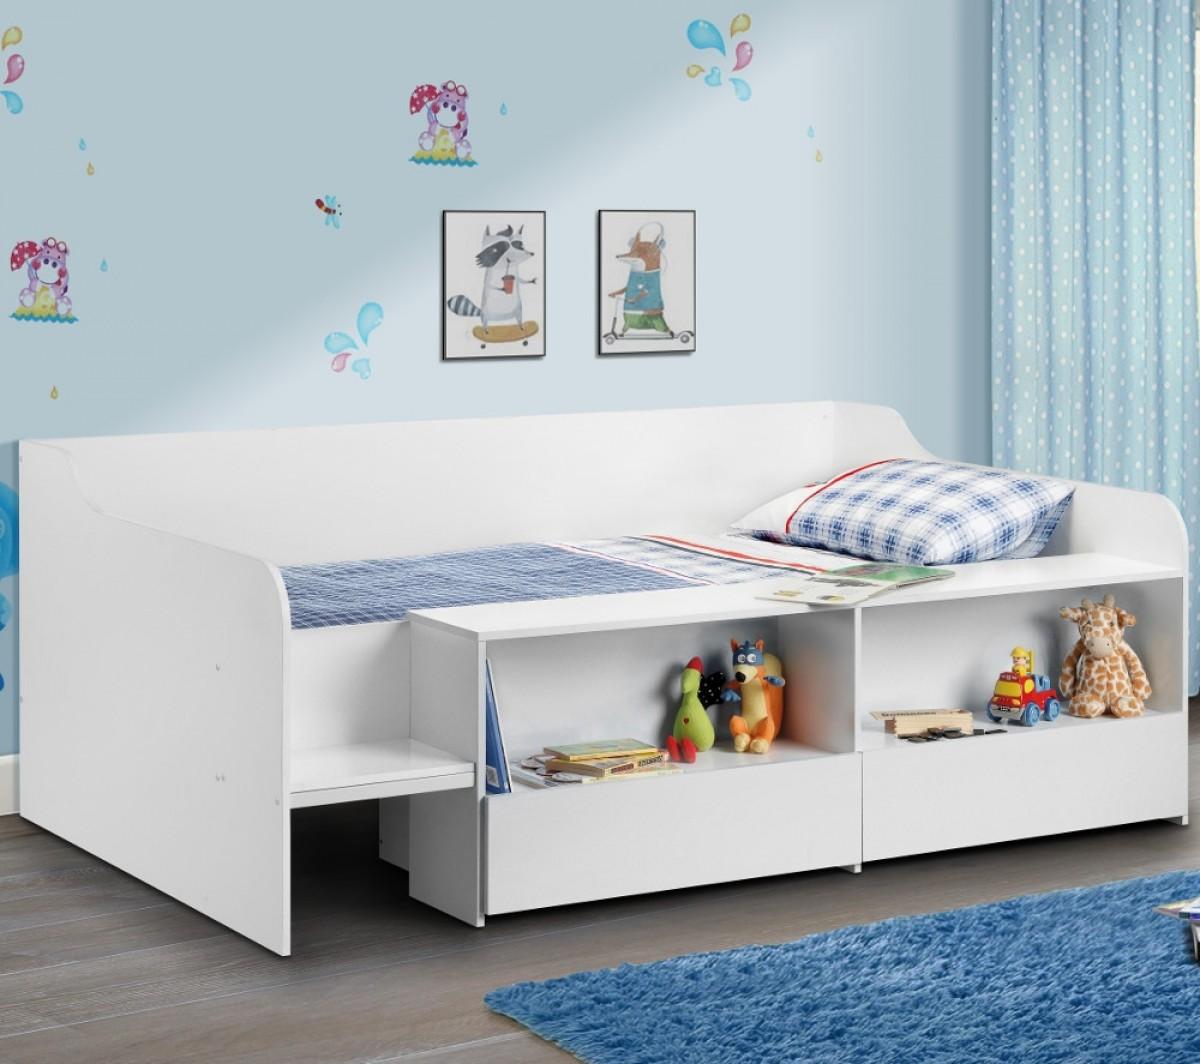 Stella White Wooden Kids Low Sleeper Cabin Storage Bed